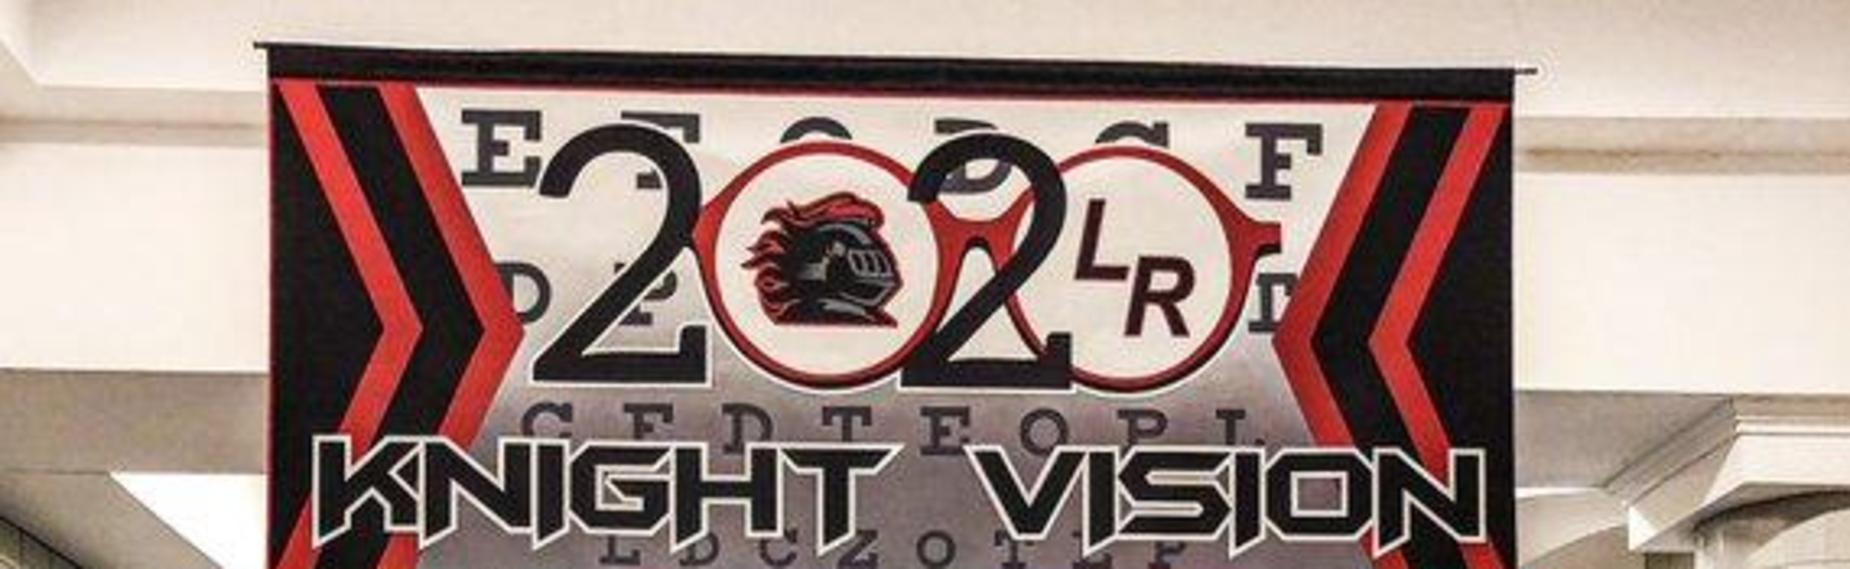 20/20 Knight Vision